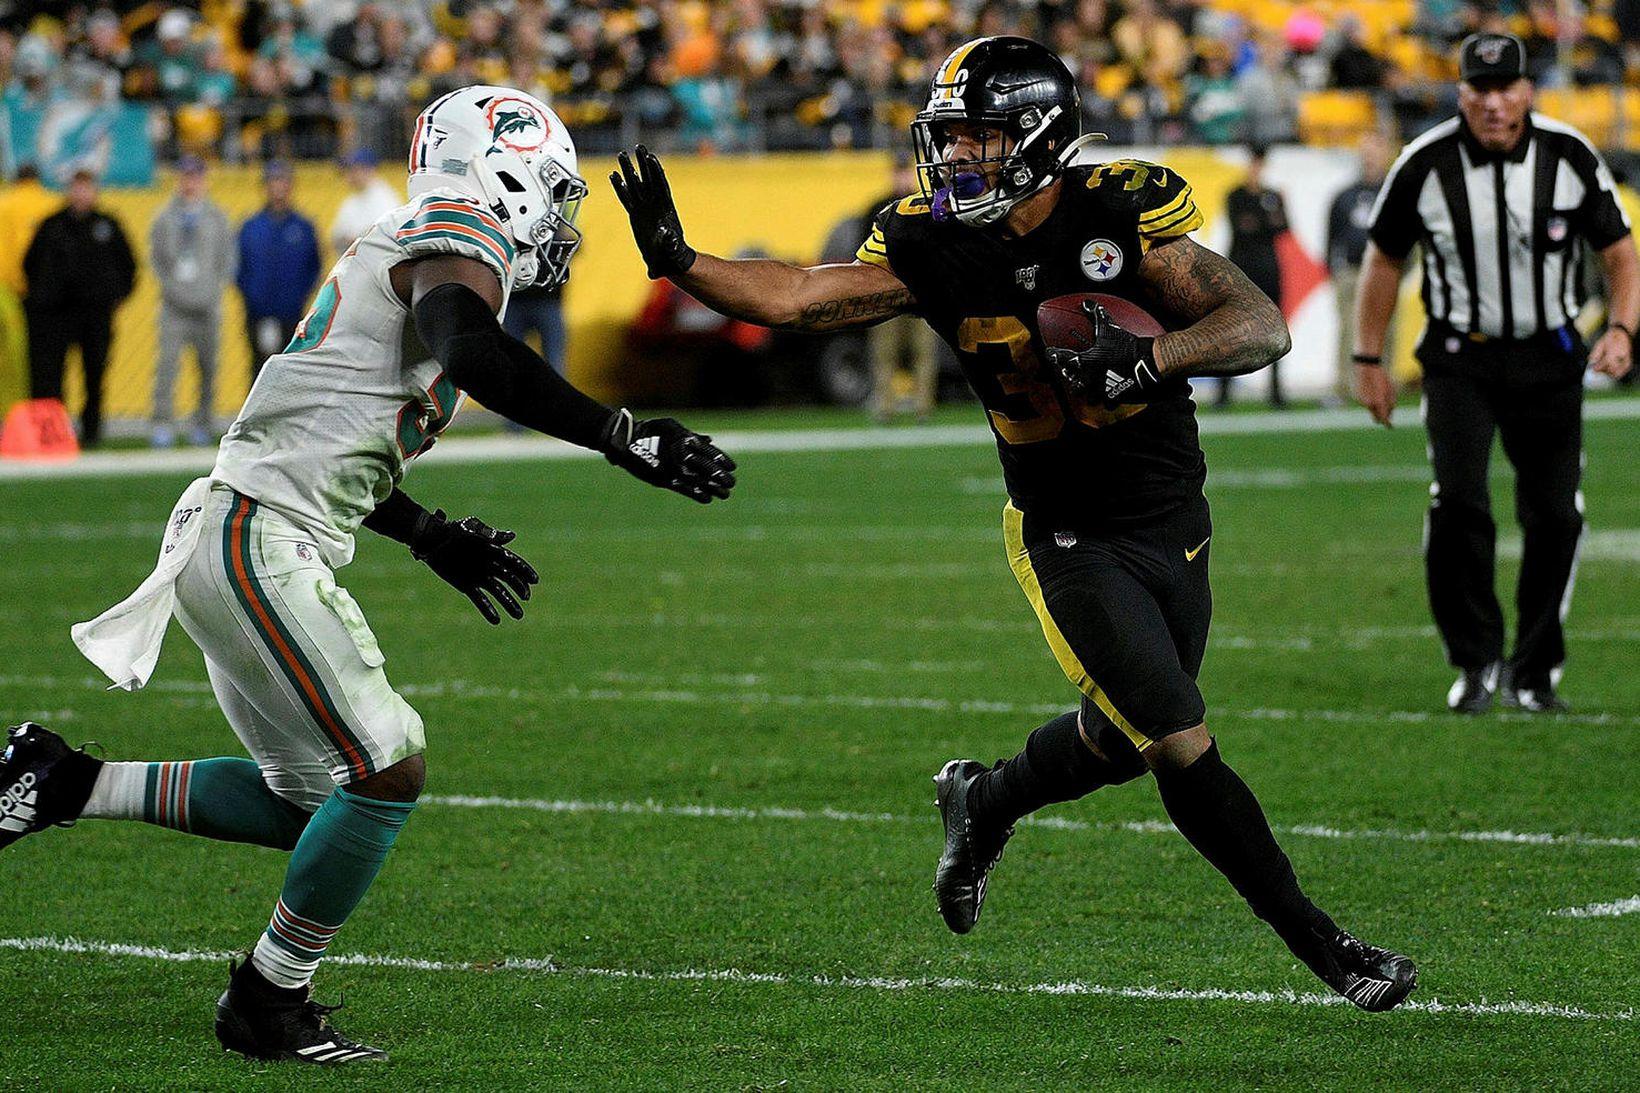 Frá leik Pittsburgh Steelers og Miami Dolphins í bandaríski NFL-deildinni.